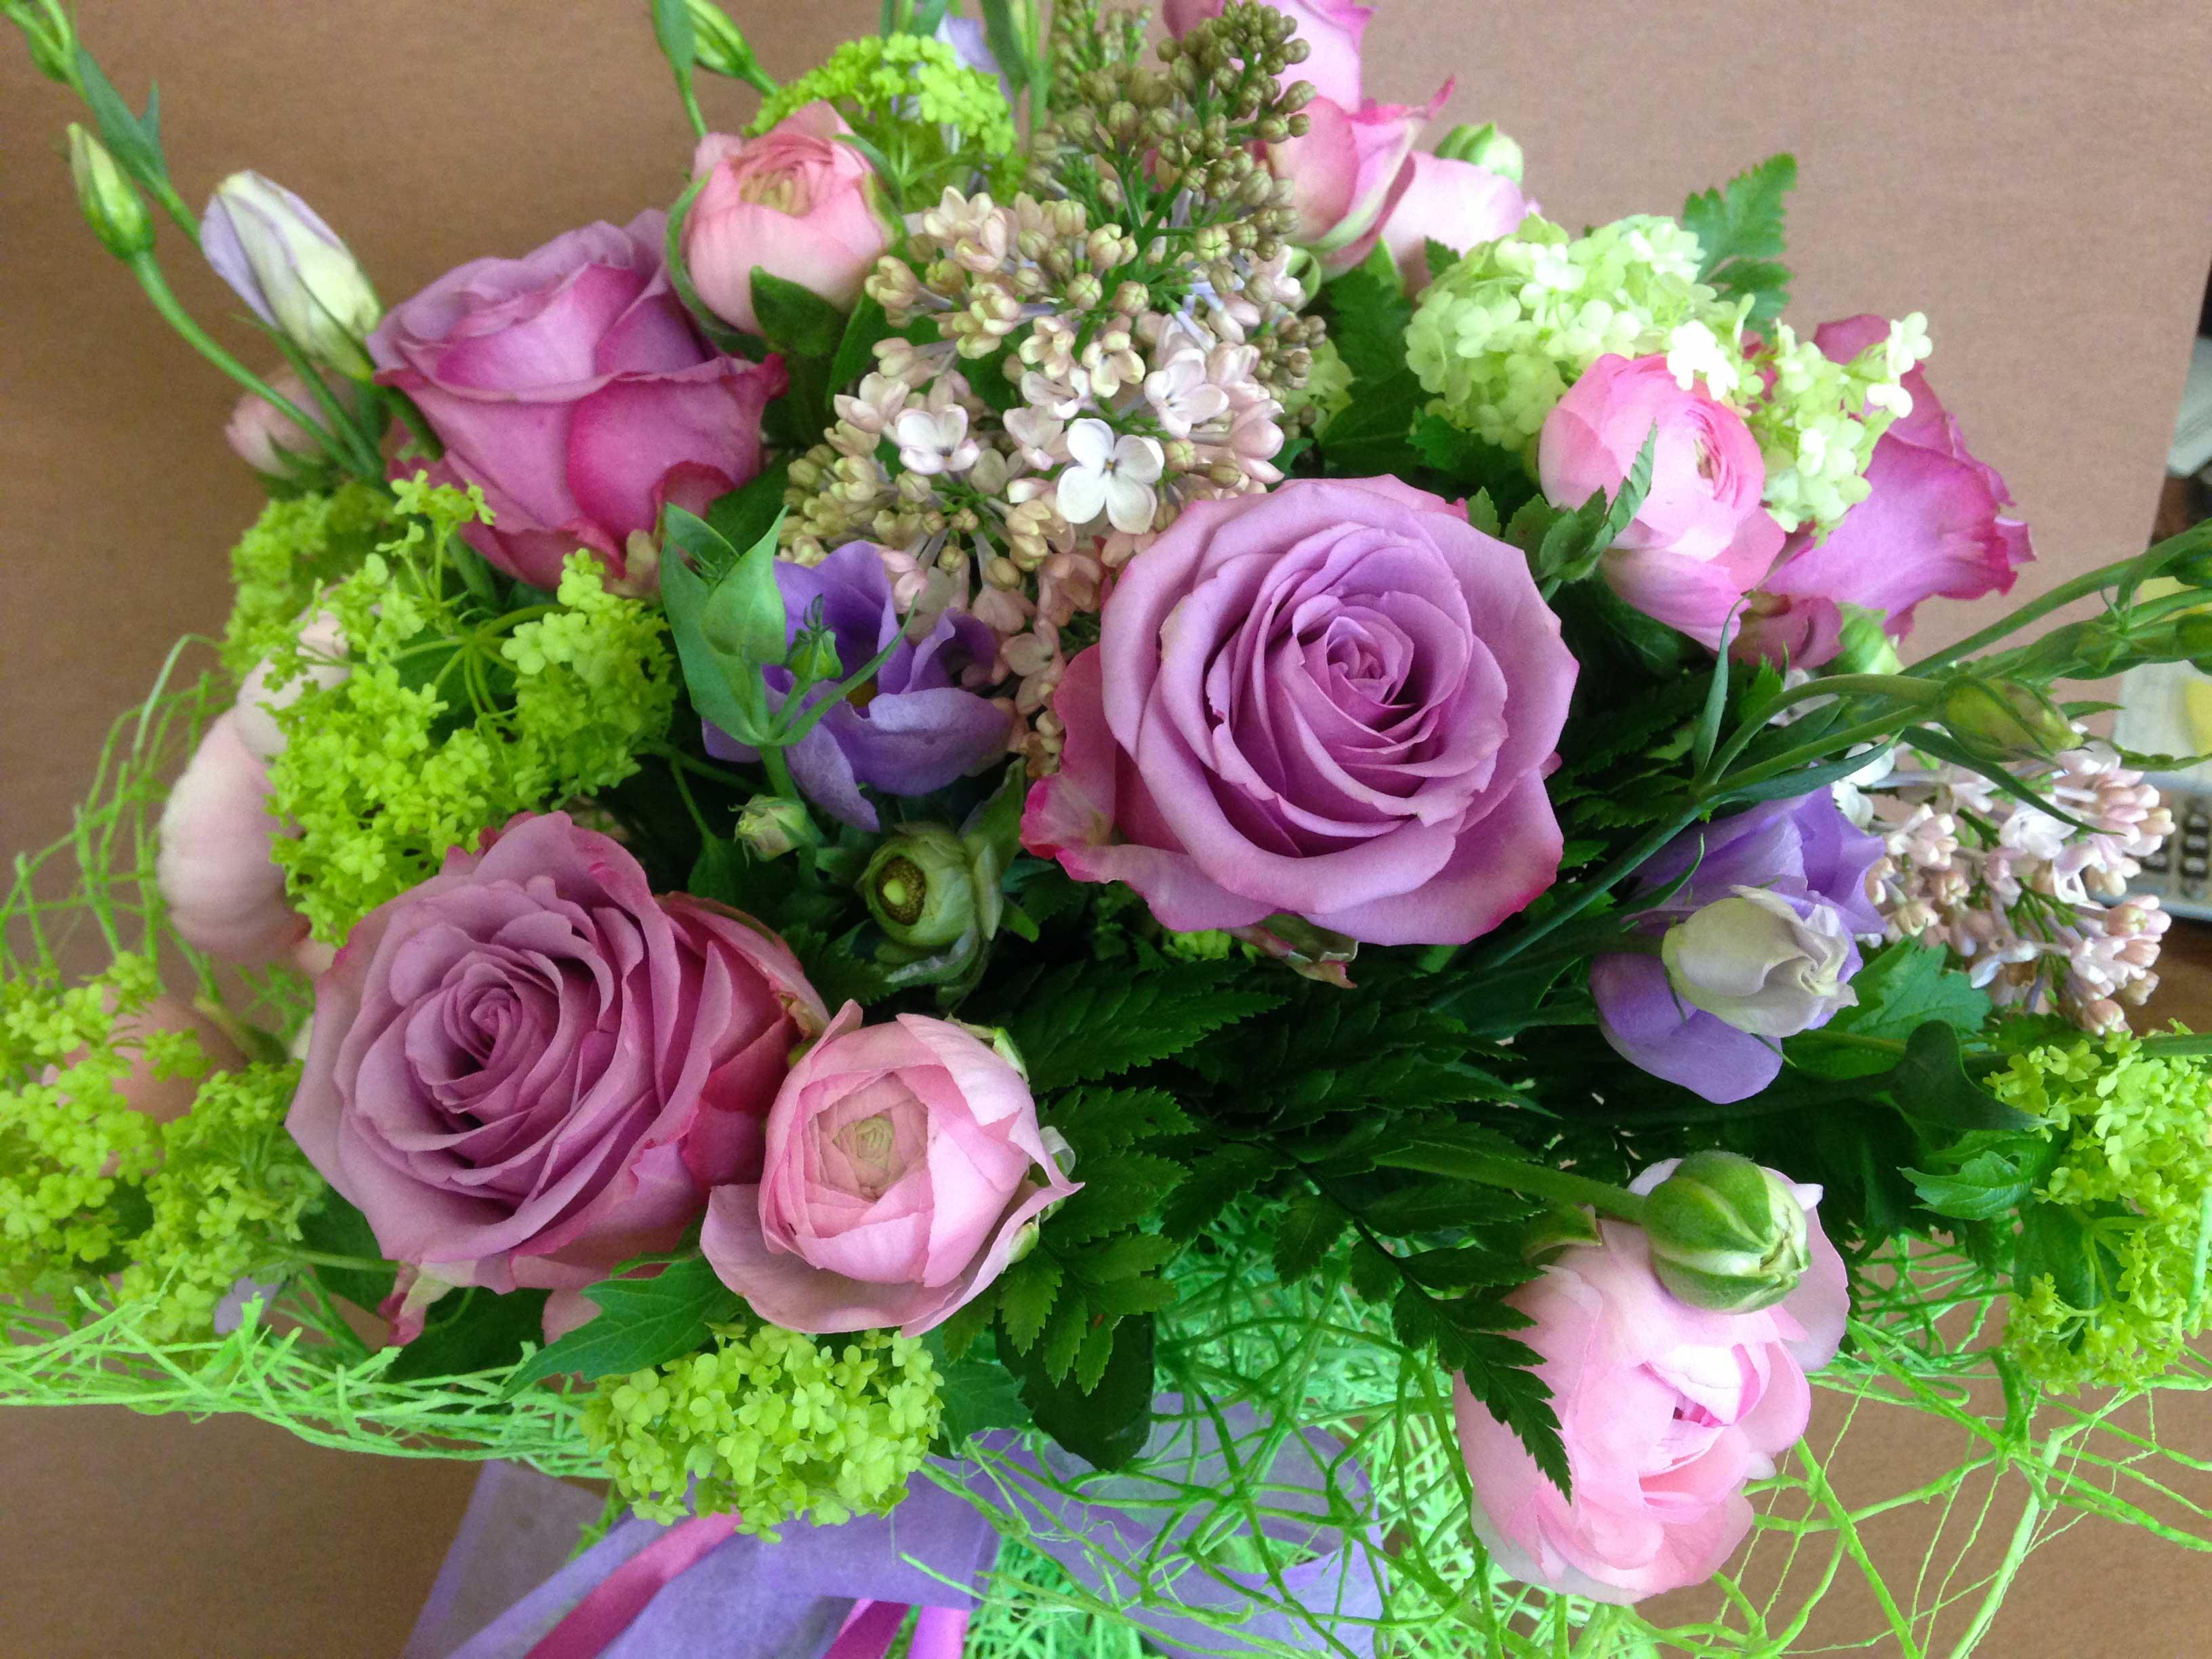 Festa della donna 3 idee regalo per stupire con i fiori - Fiori primaverili ...